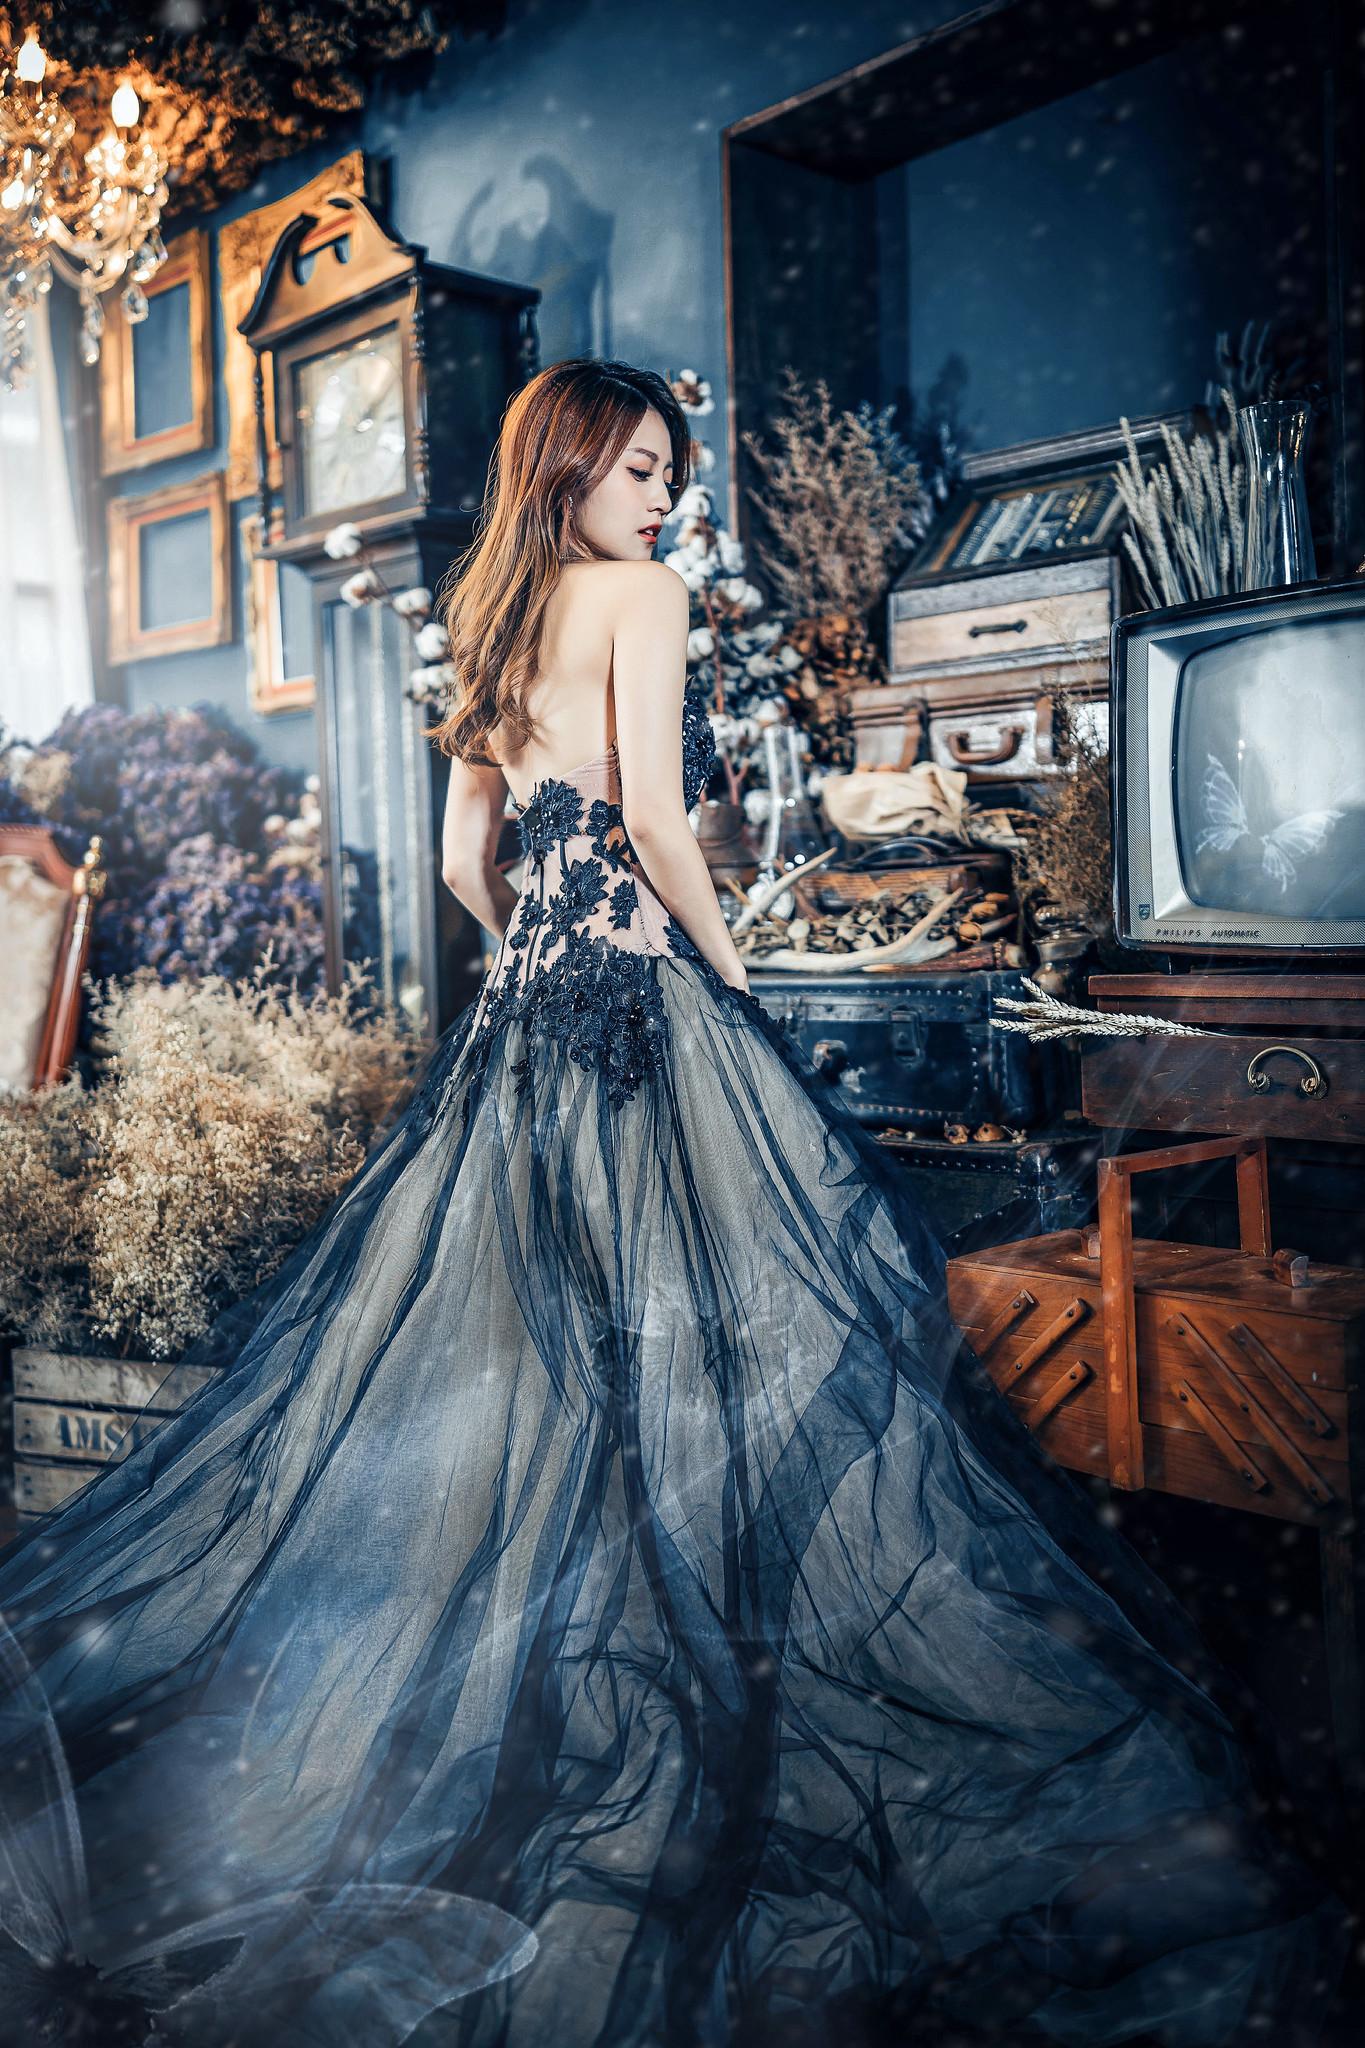 デスクトップ壁紙 ドレス テレビ 植物 アジア人 モデル 屋内の